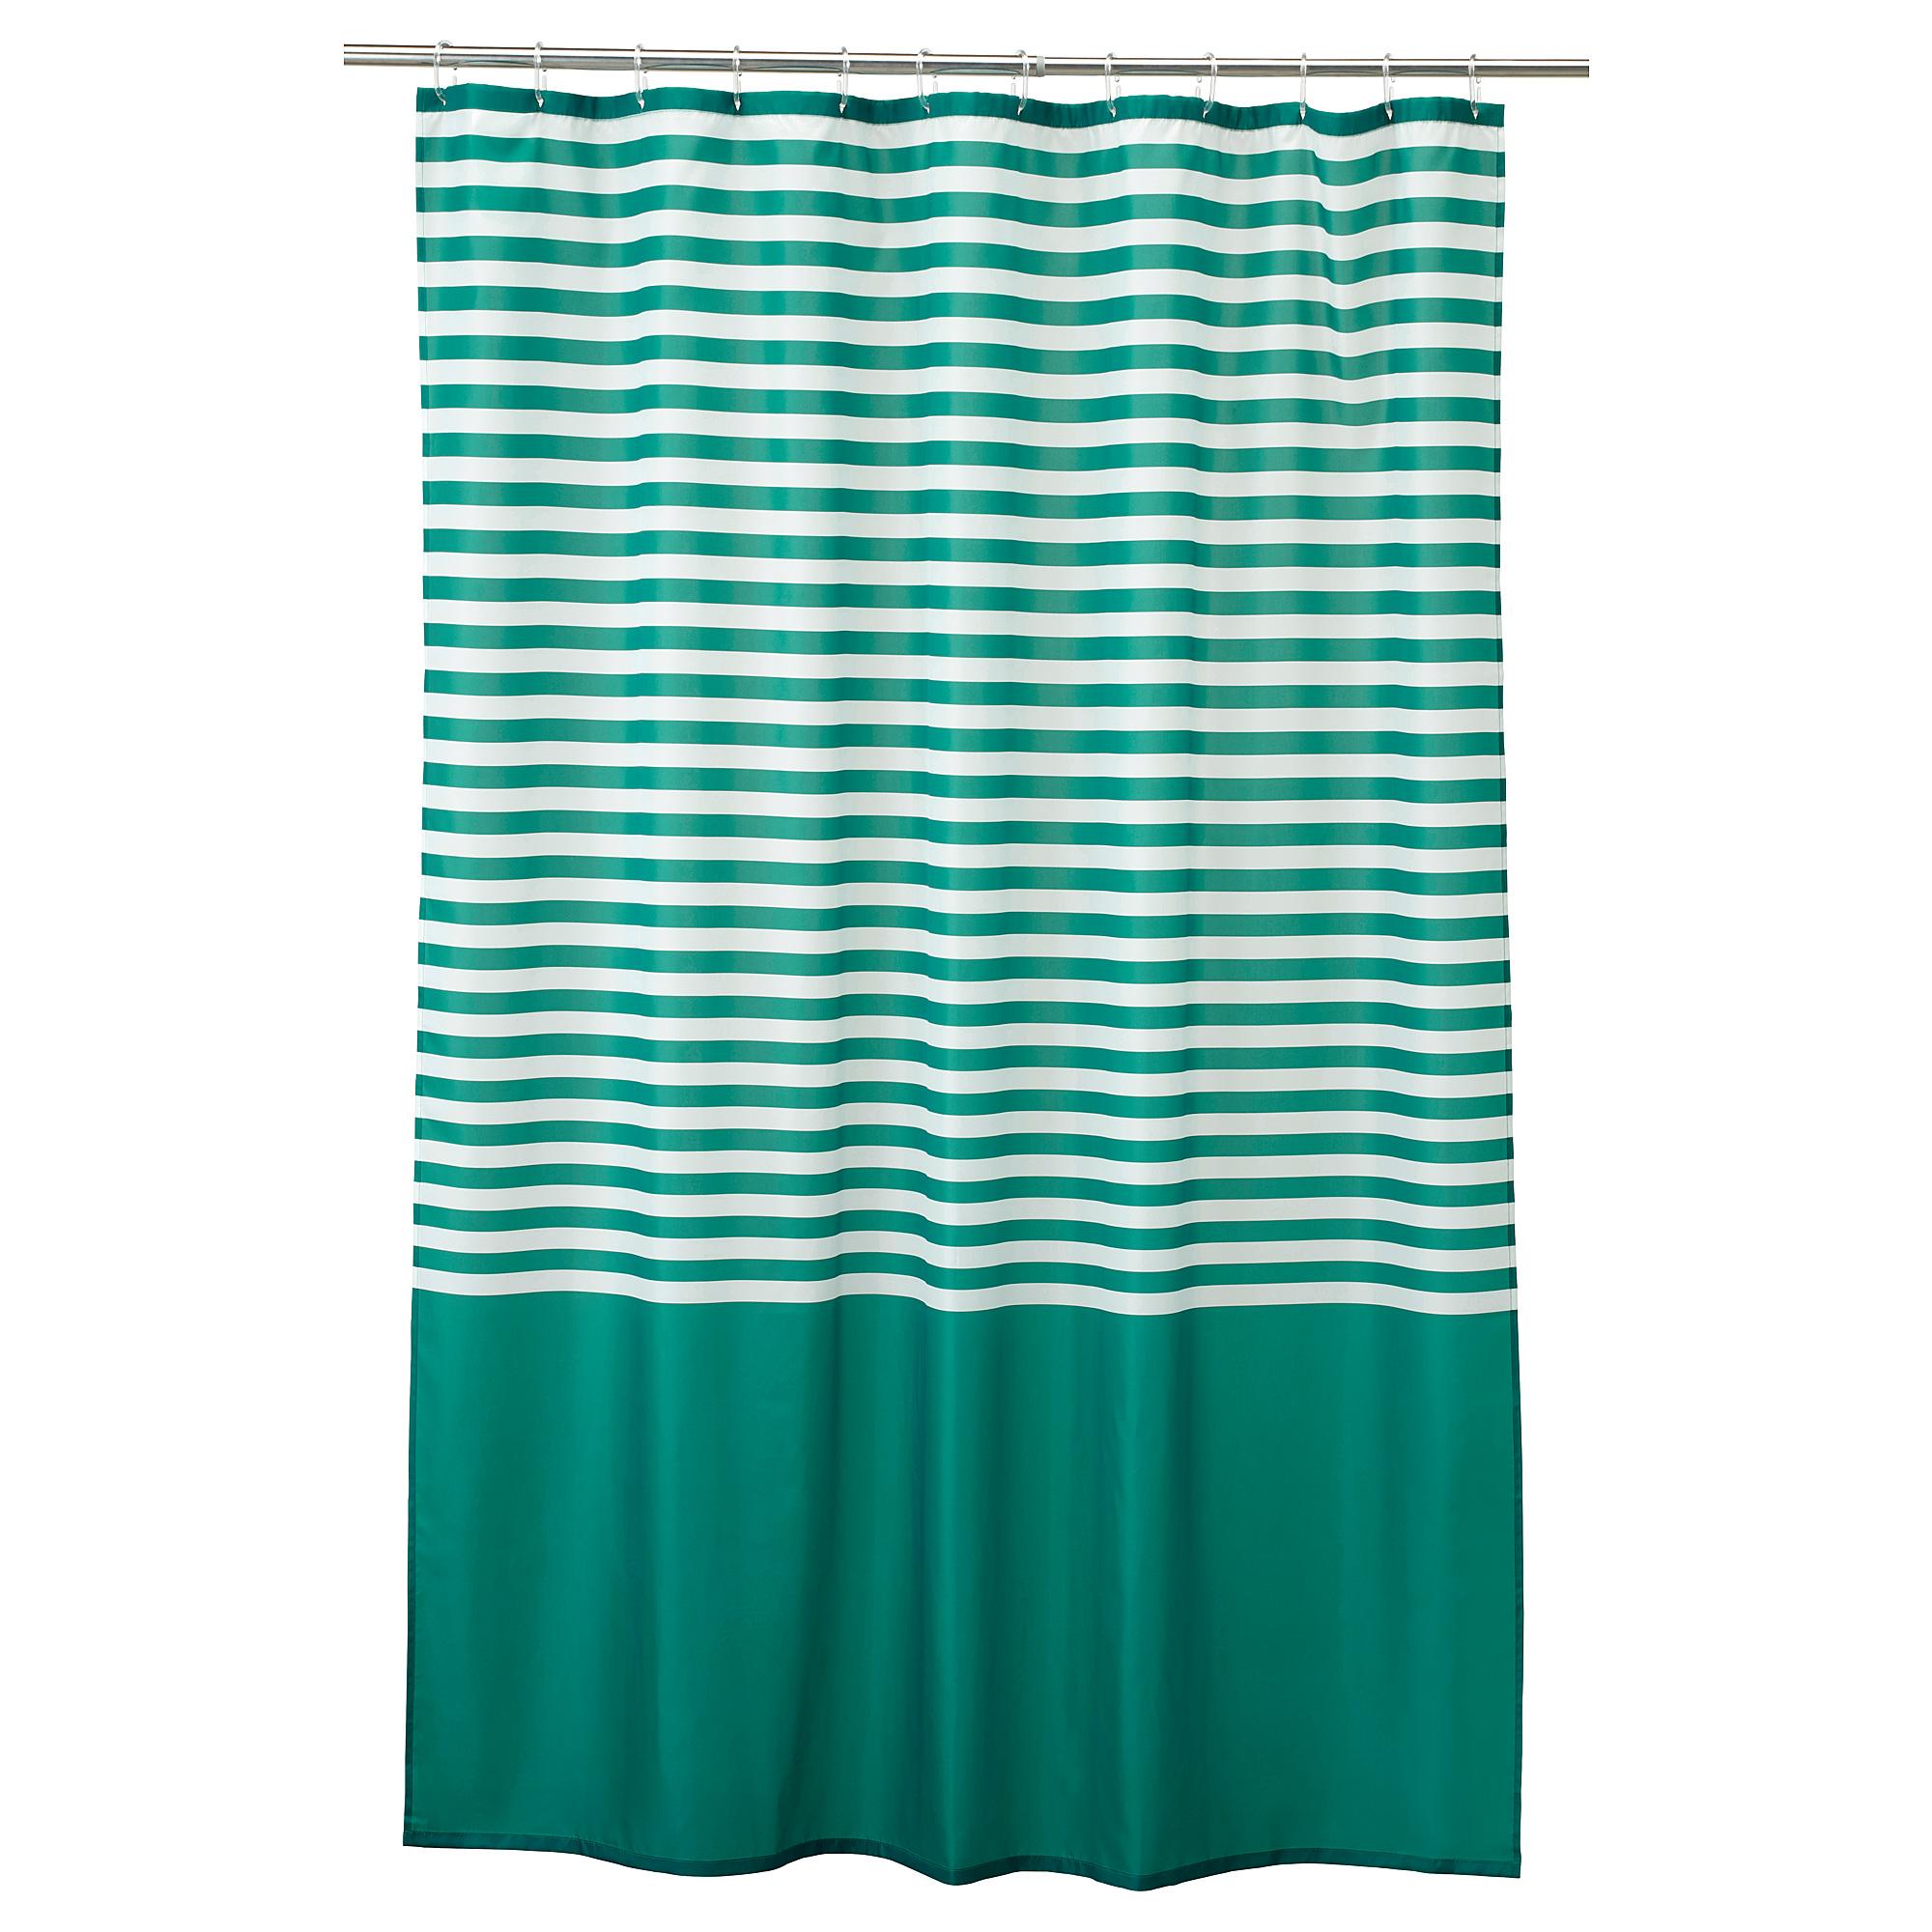 浴簾, , 深綠色, 另有深灰色可選擇